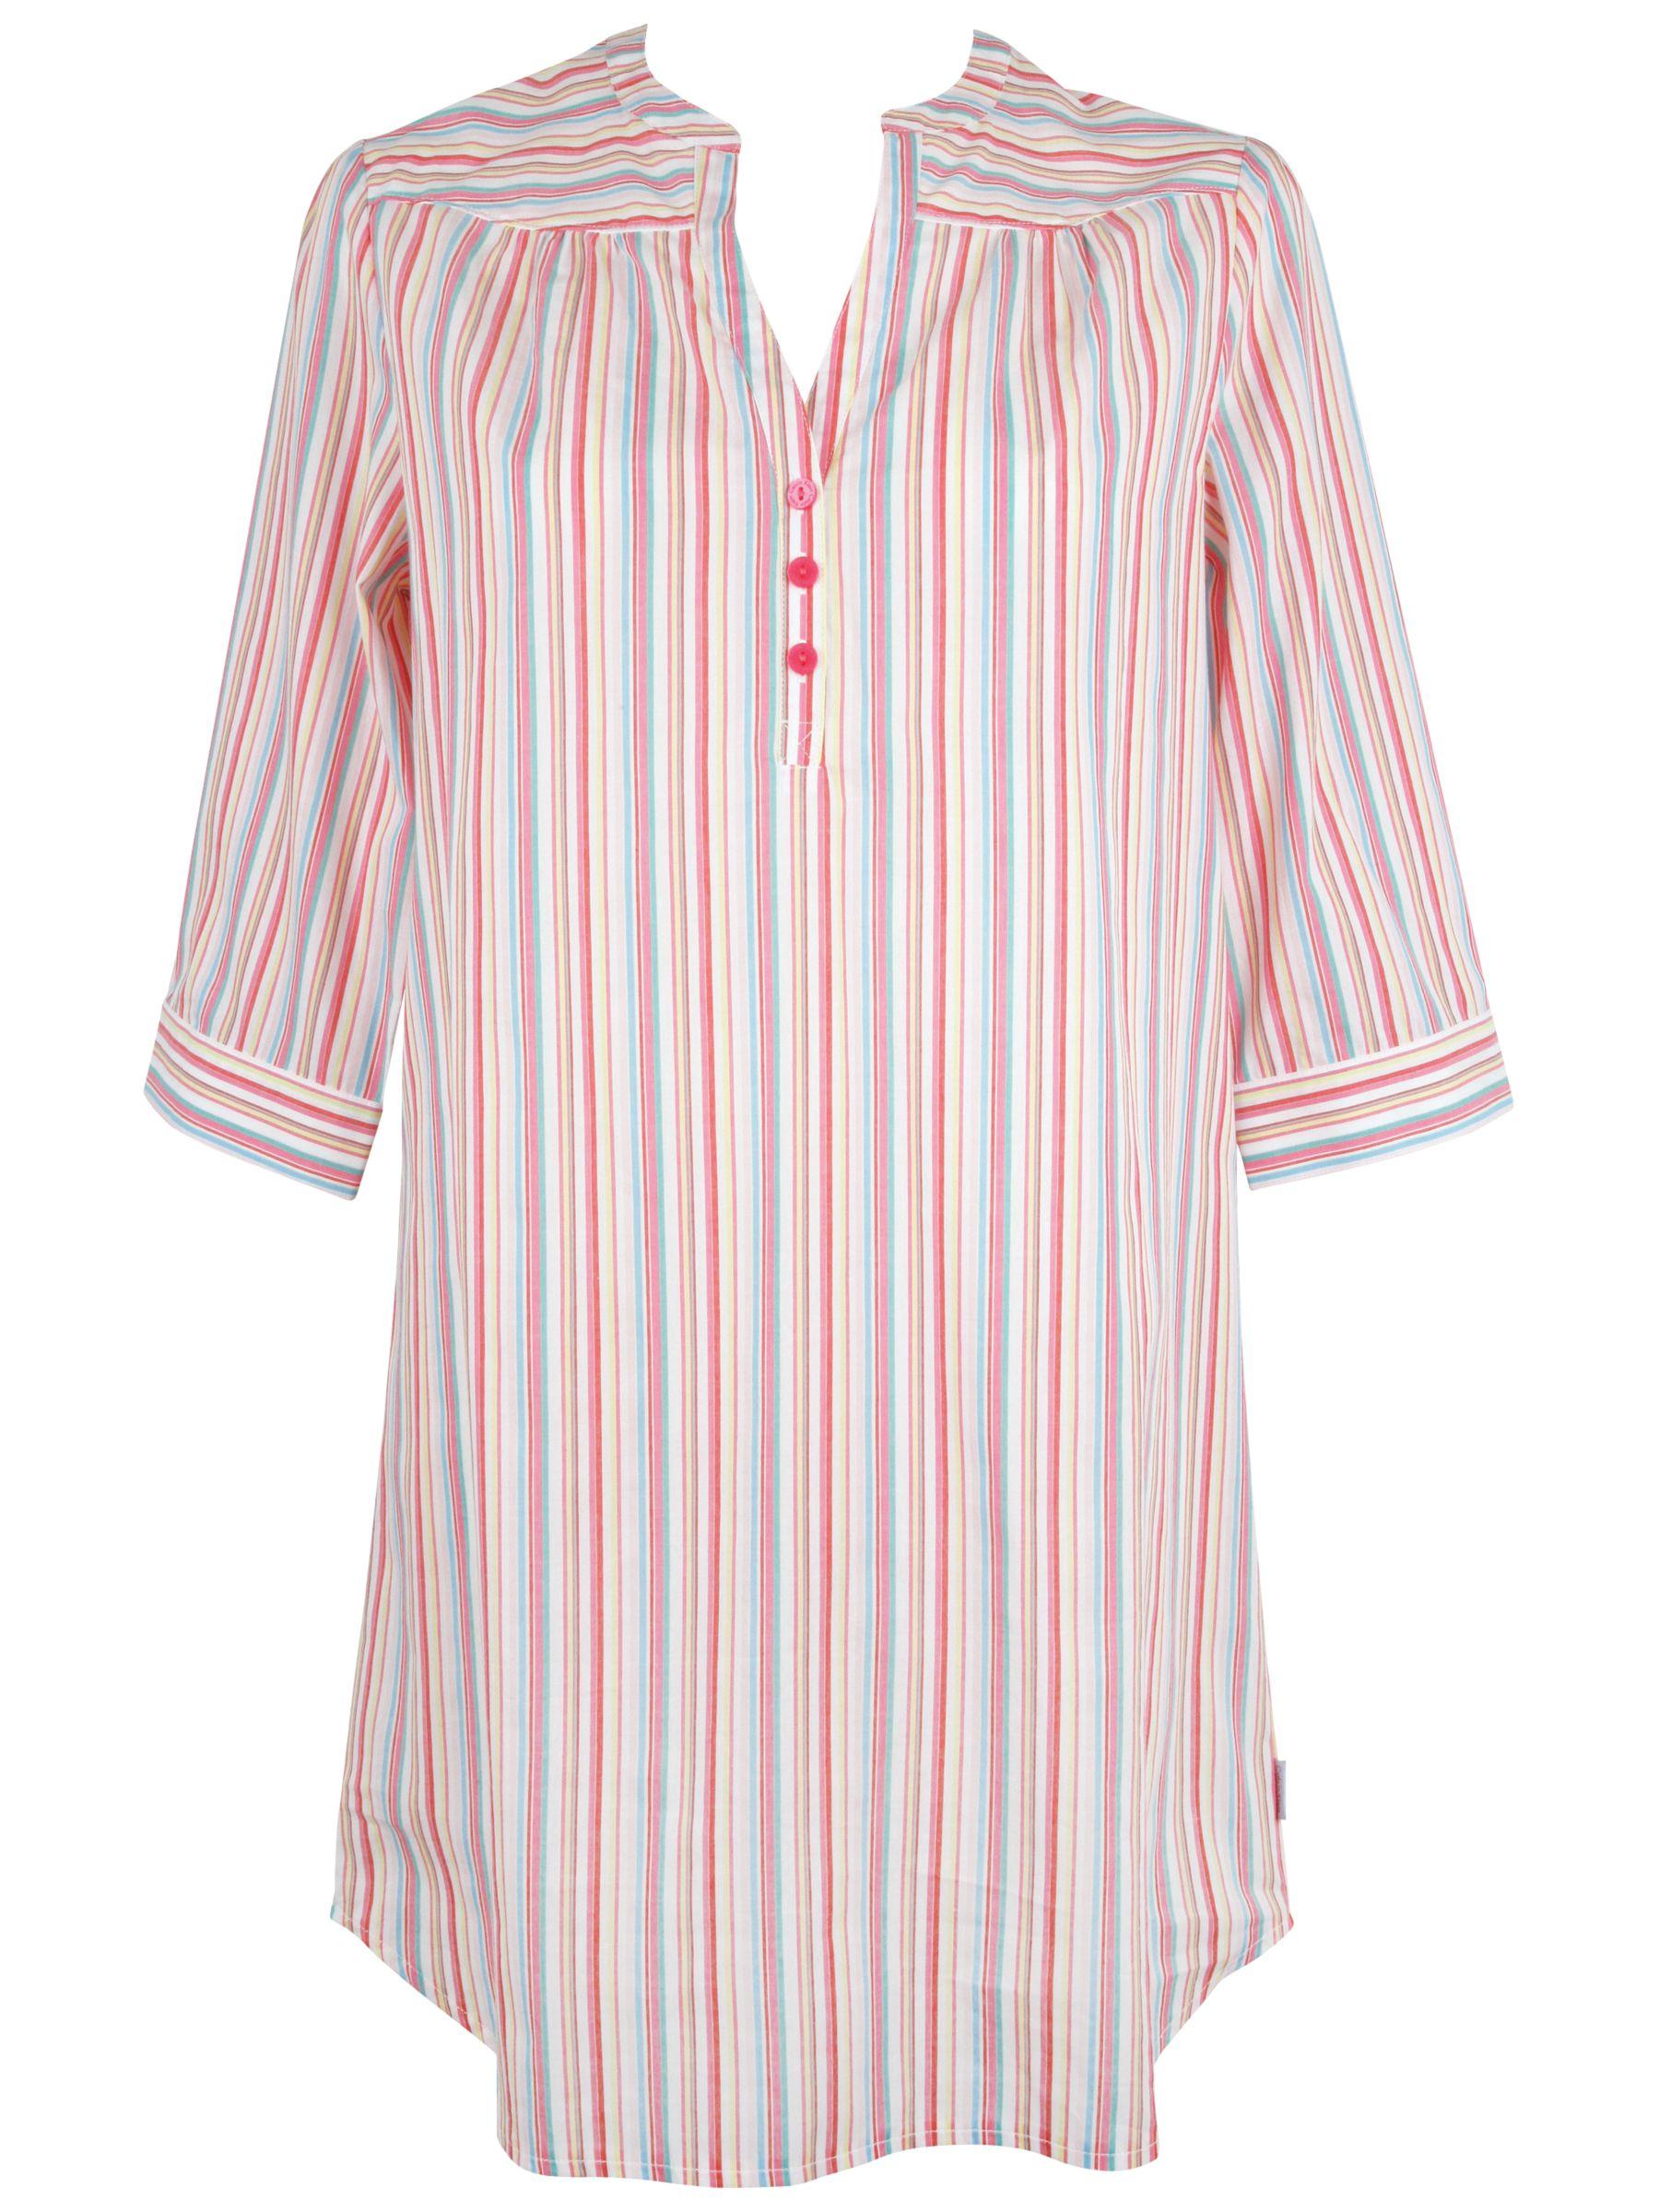 Calvin Klein Stripe Boyfriend Nightshirt, Multi